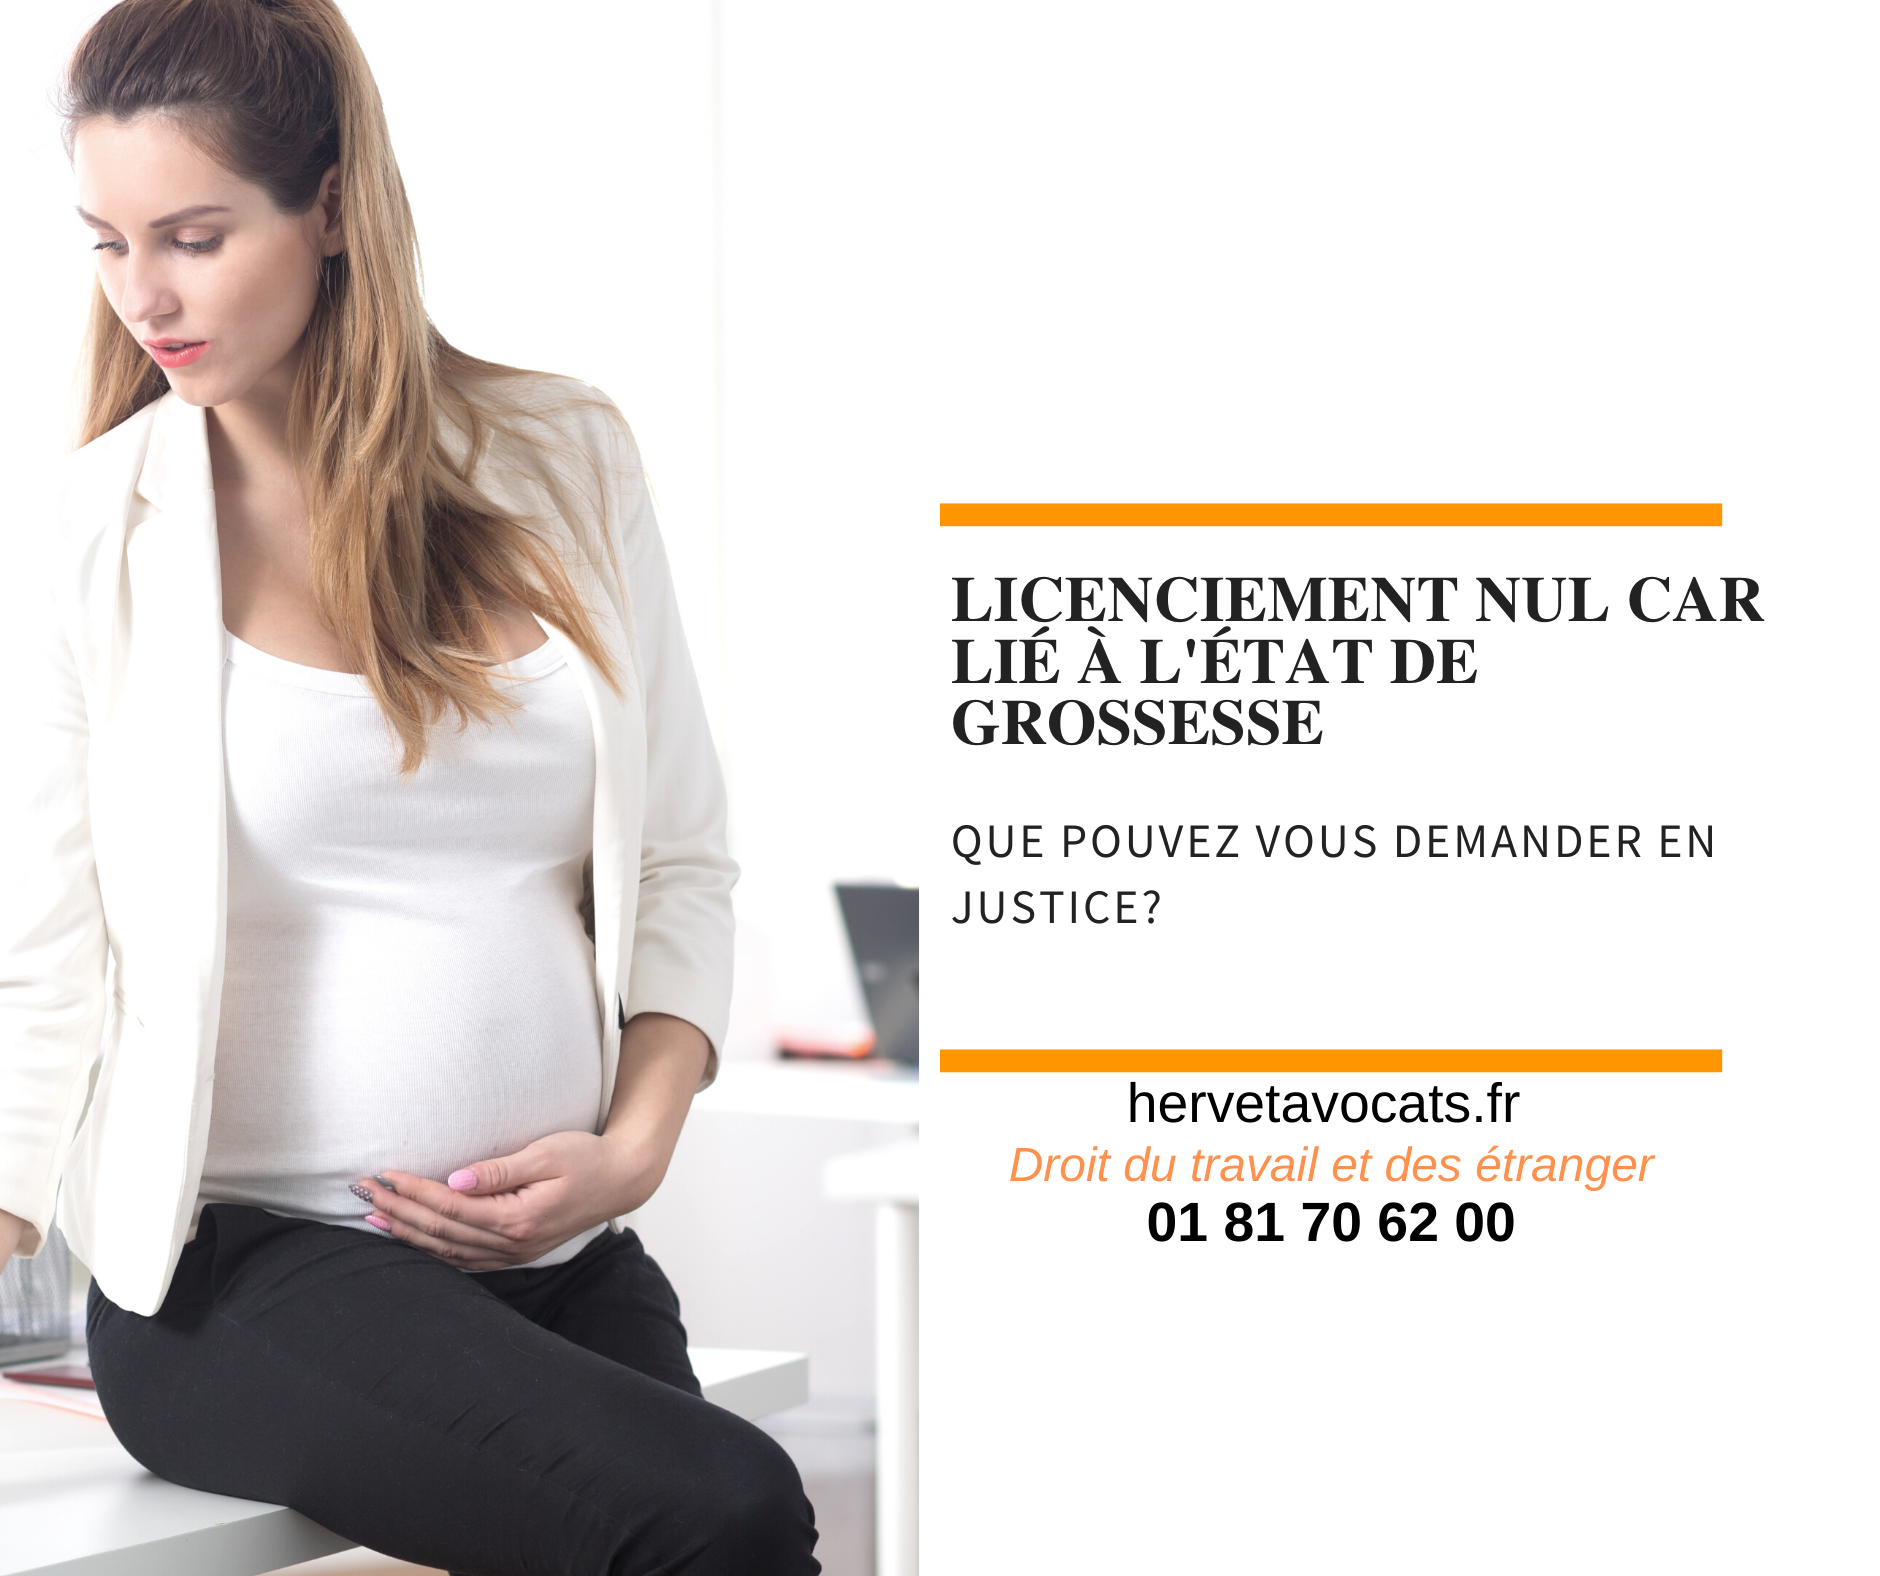 Les conséquences indemnitaires de la nullité du licenciement lié à l'état de grossesse d'une salariée